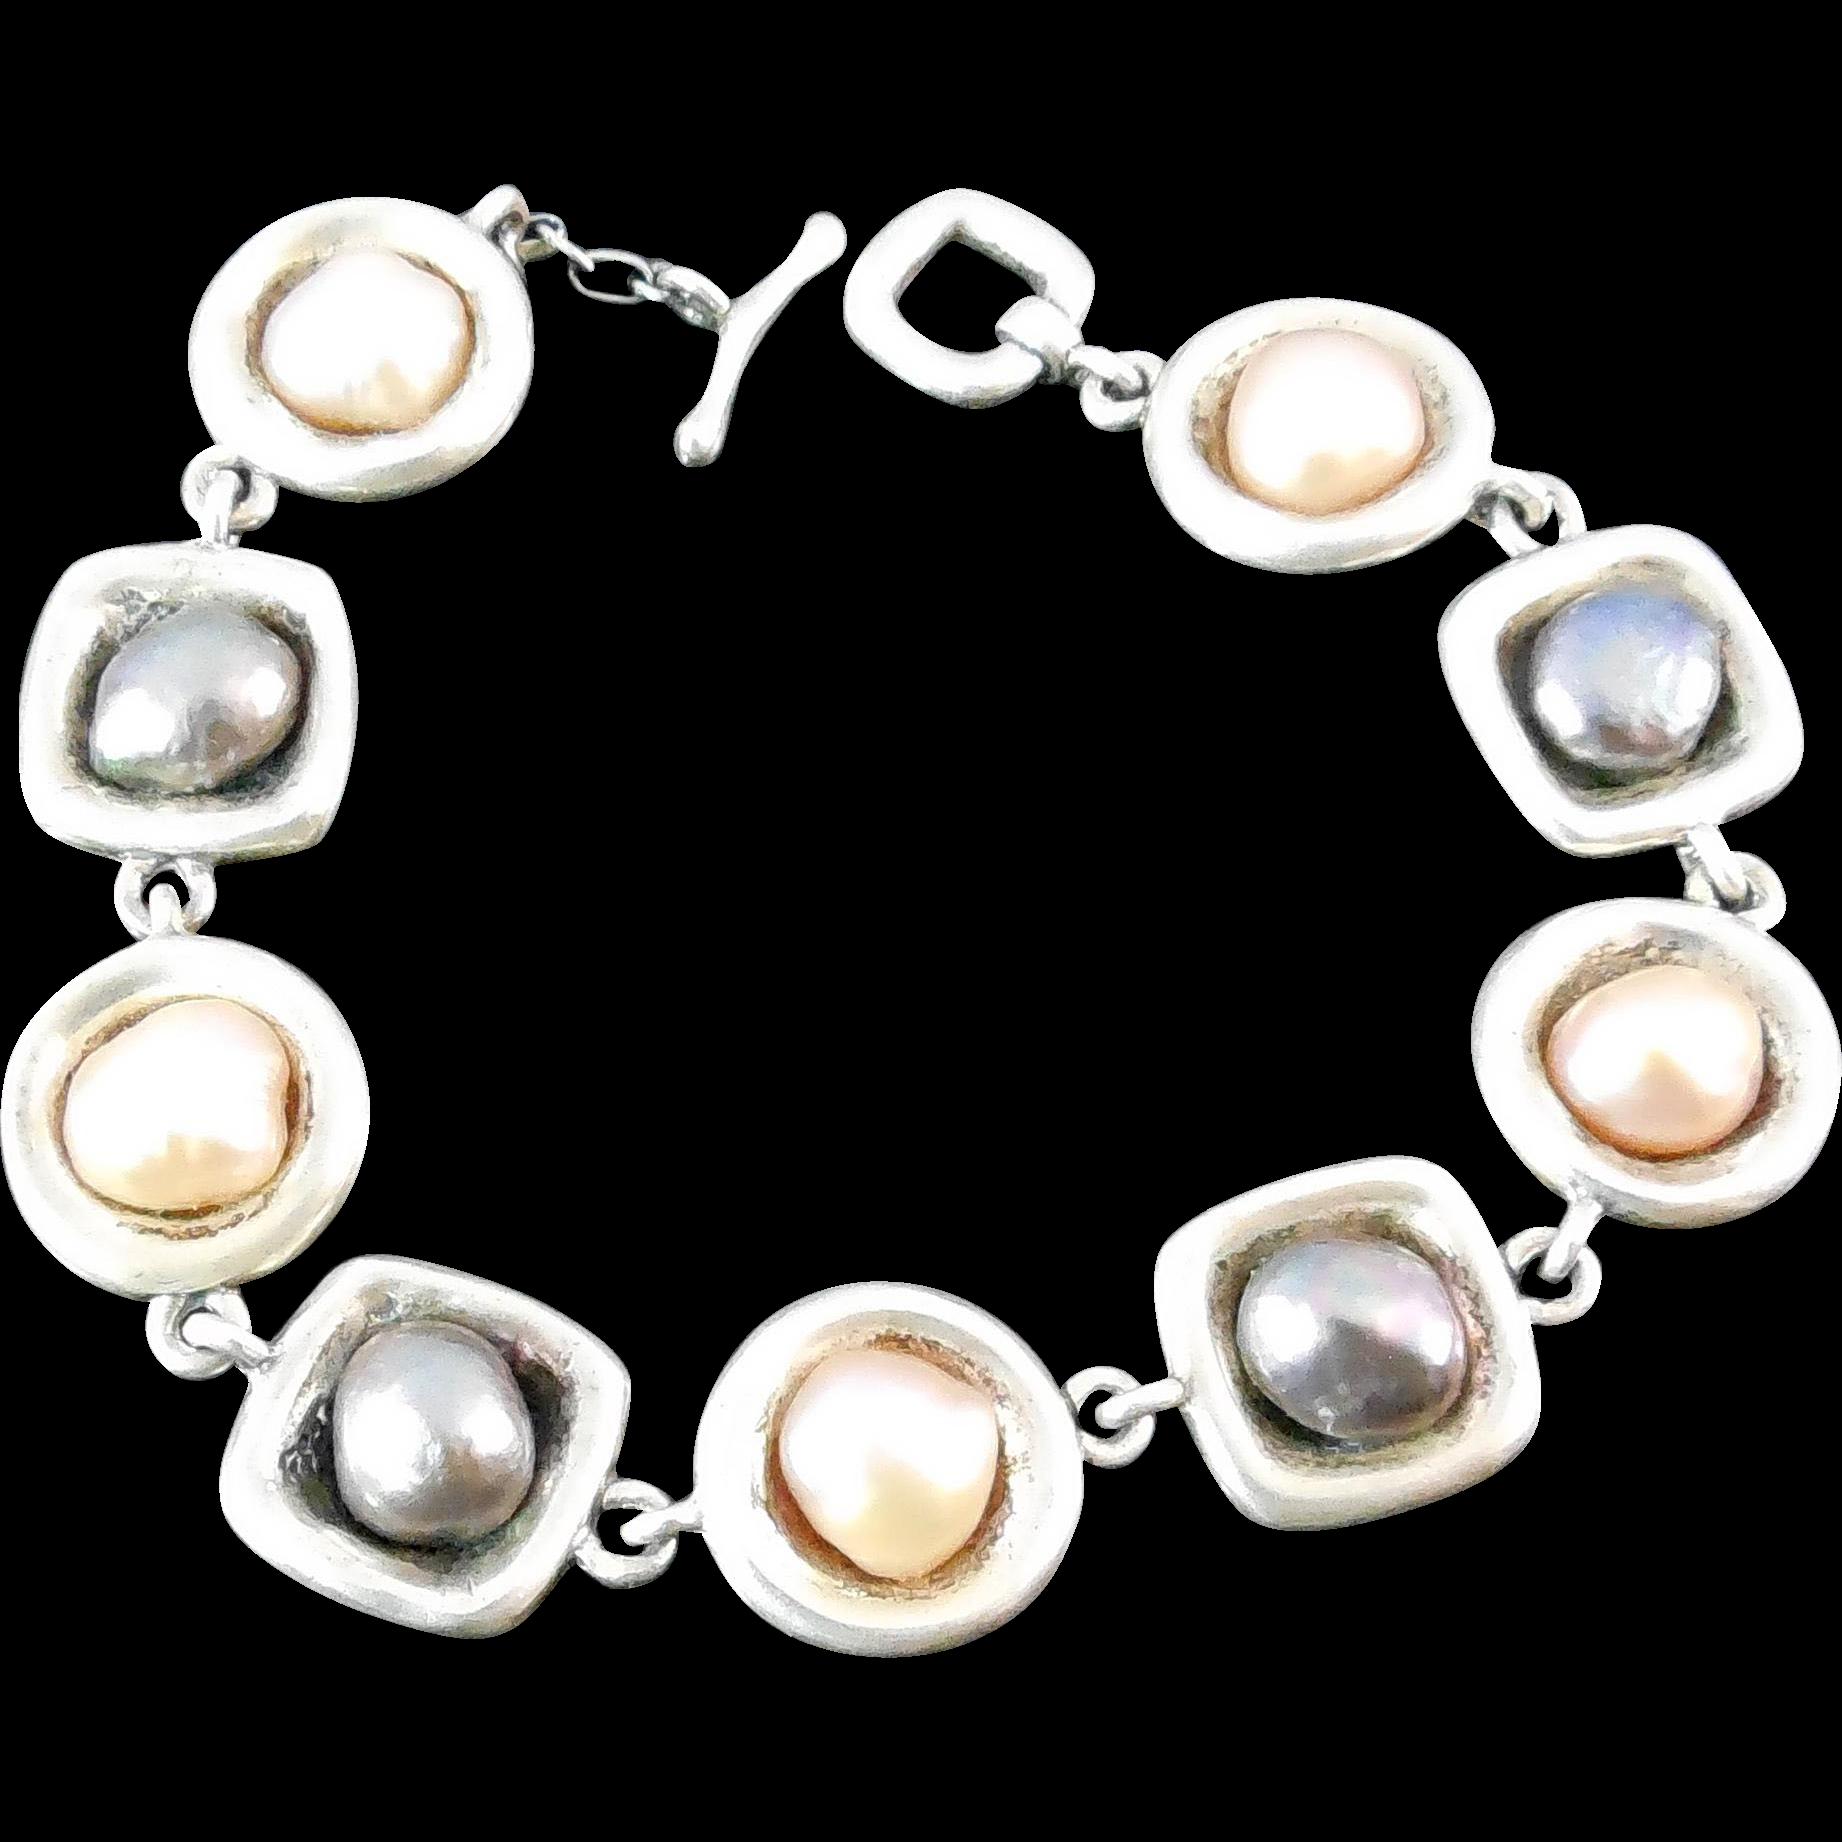 Sterling Silver and Pearl Bracelet - Designer Signed M Bromberg